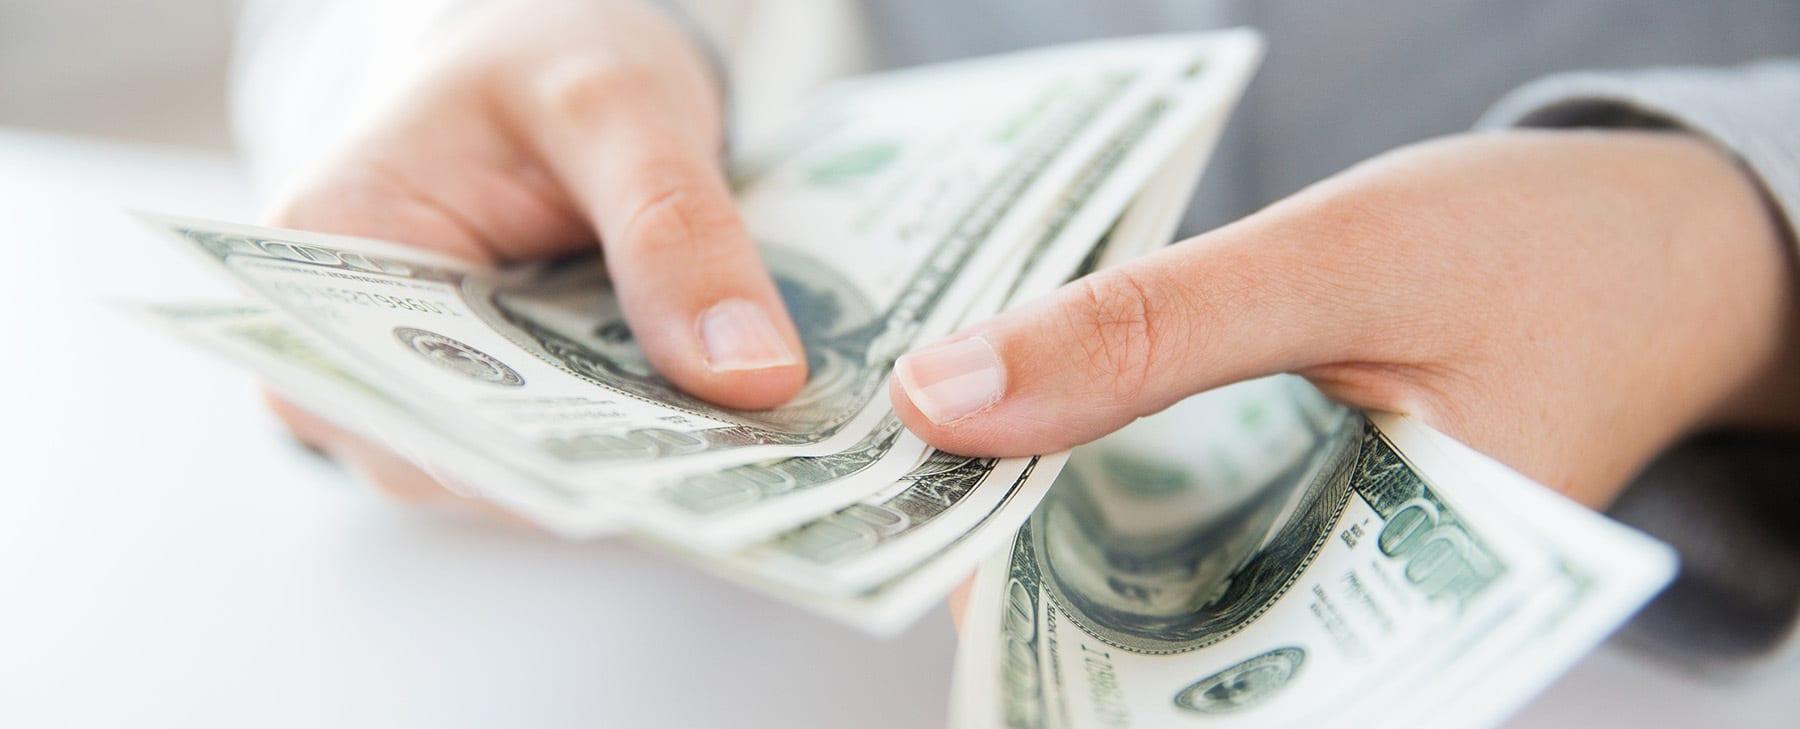 ابق عملك التجاري صحياً من خلال إدارة أفضل للأمور المالية